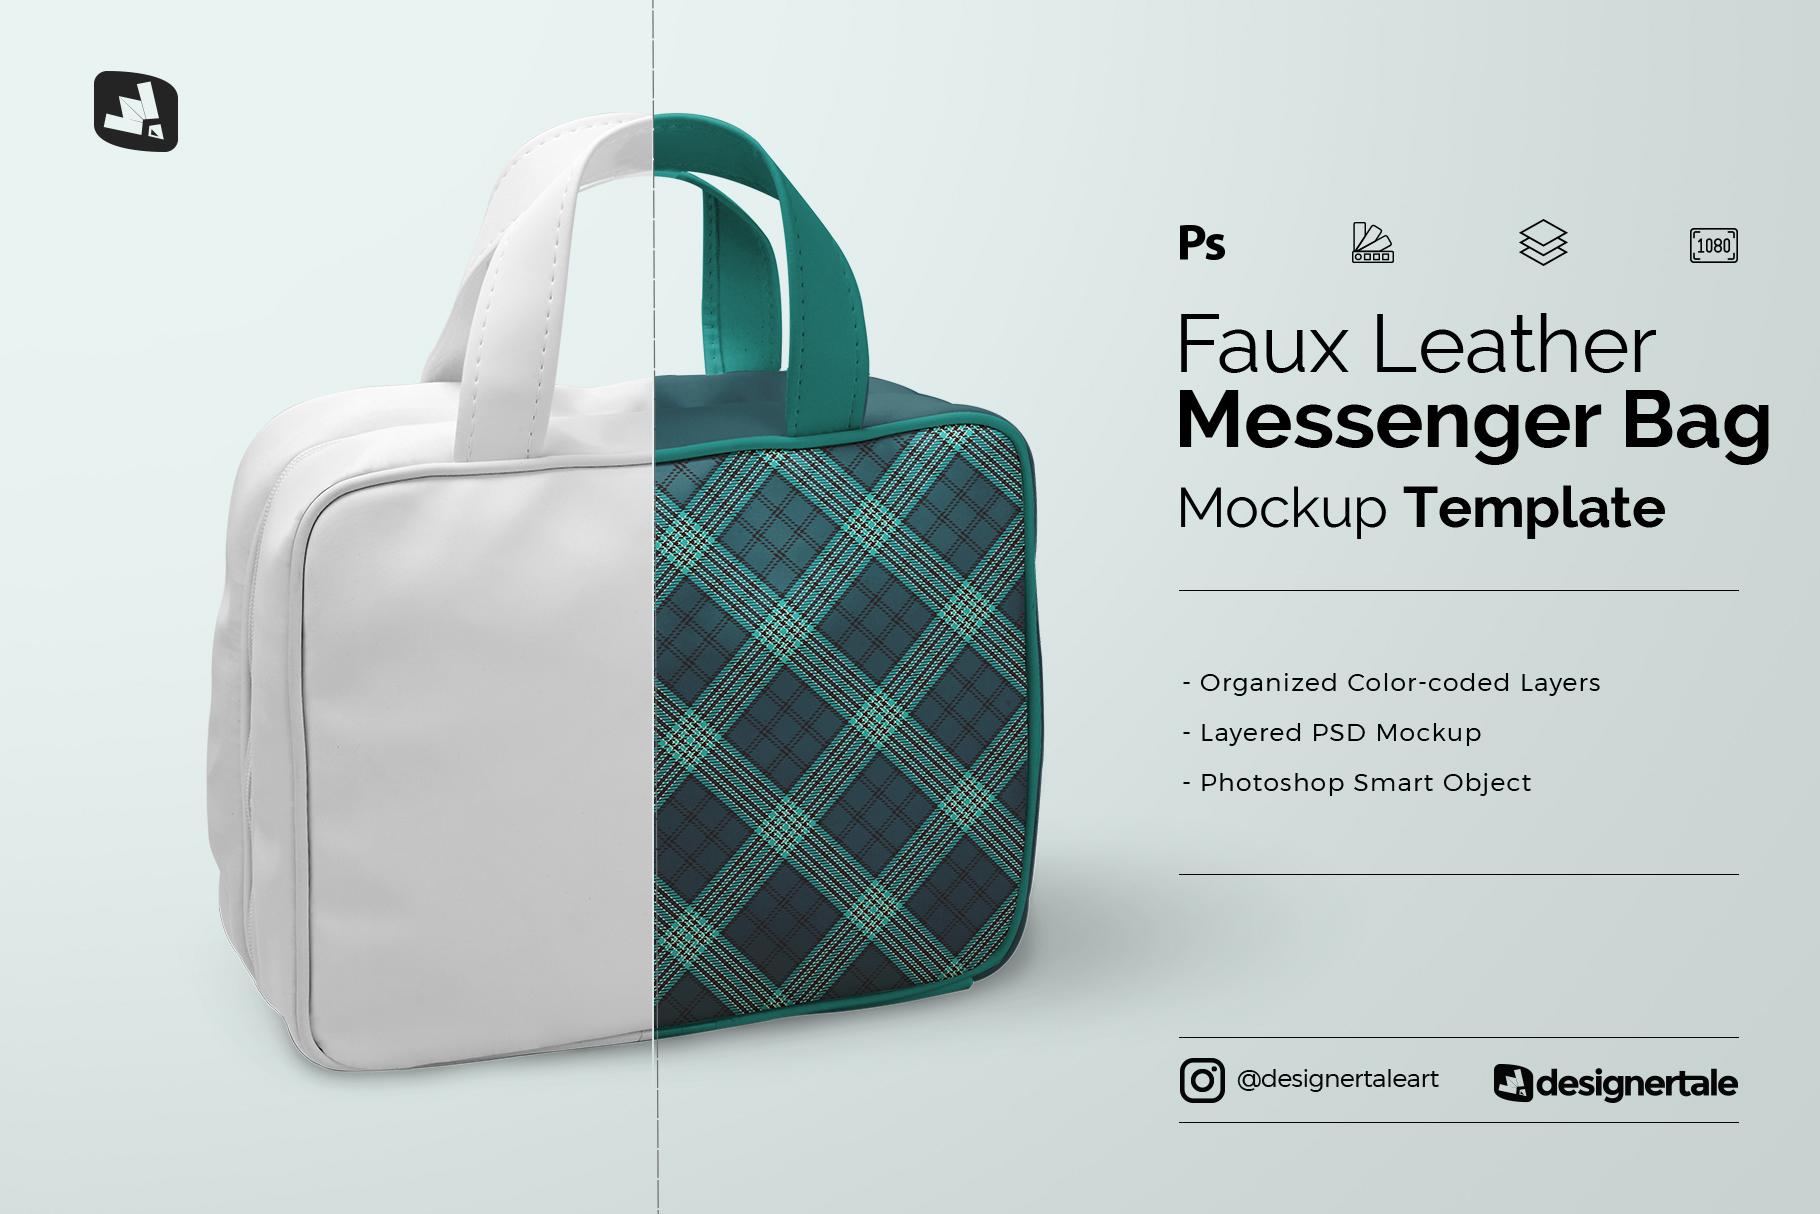 faux leather messenger bag mockup